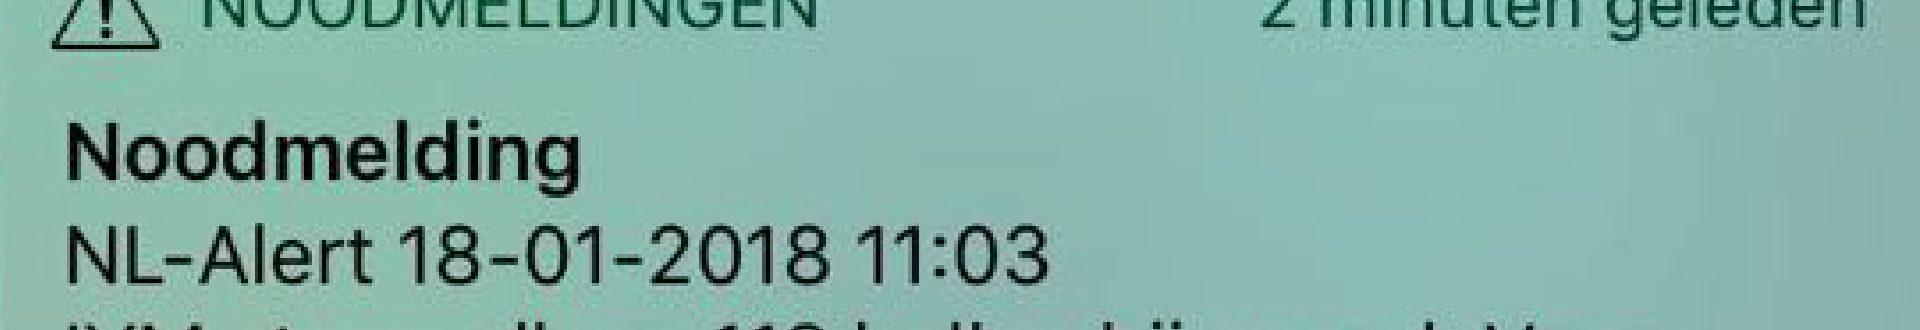 25855.jpg